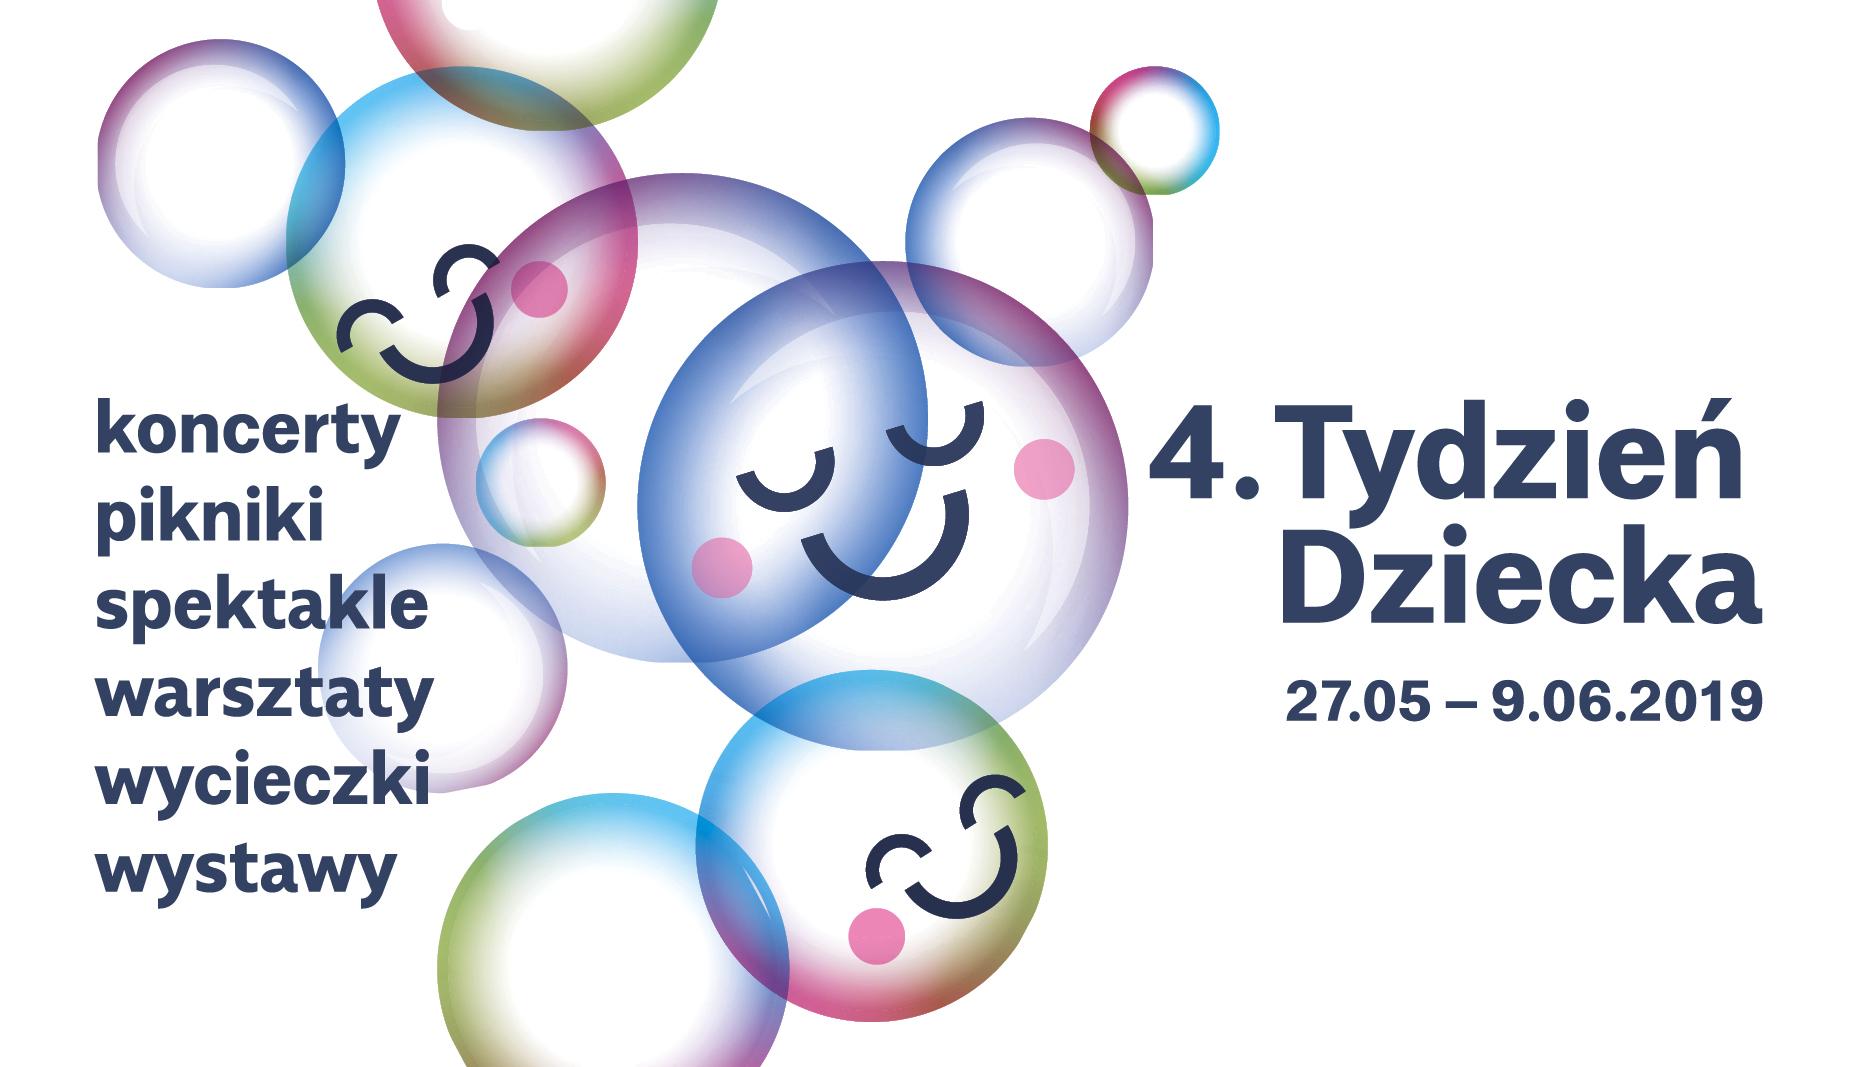 4. Tydzień Dziecka wwarszawskich instytucjach kultury